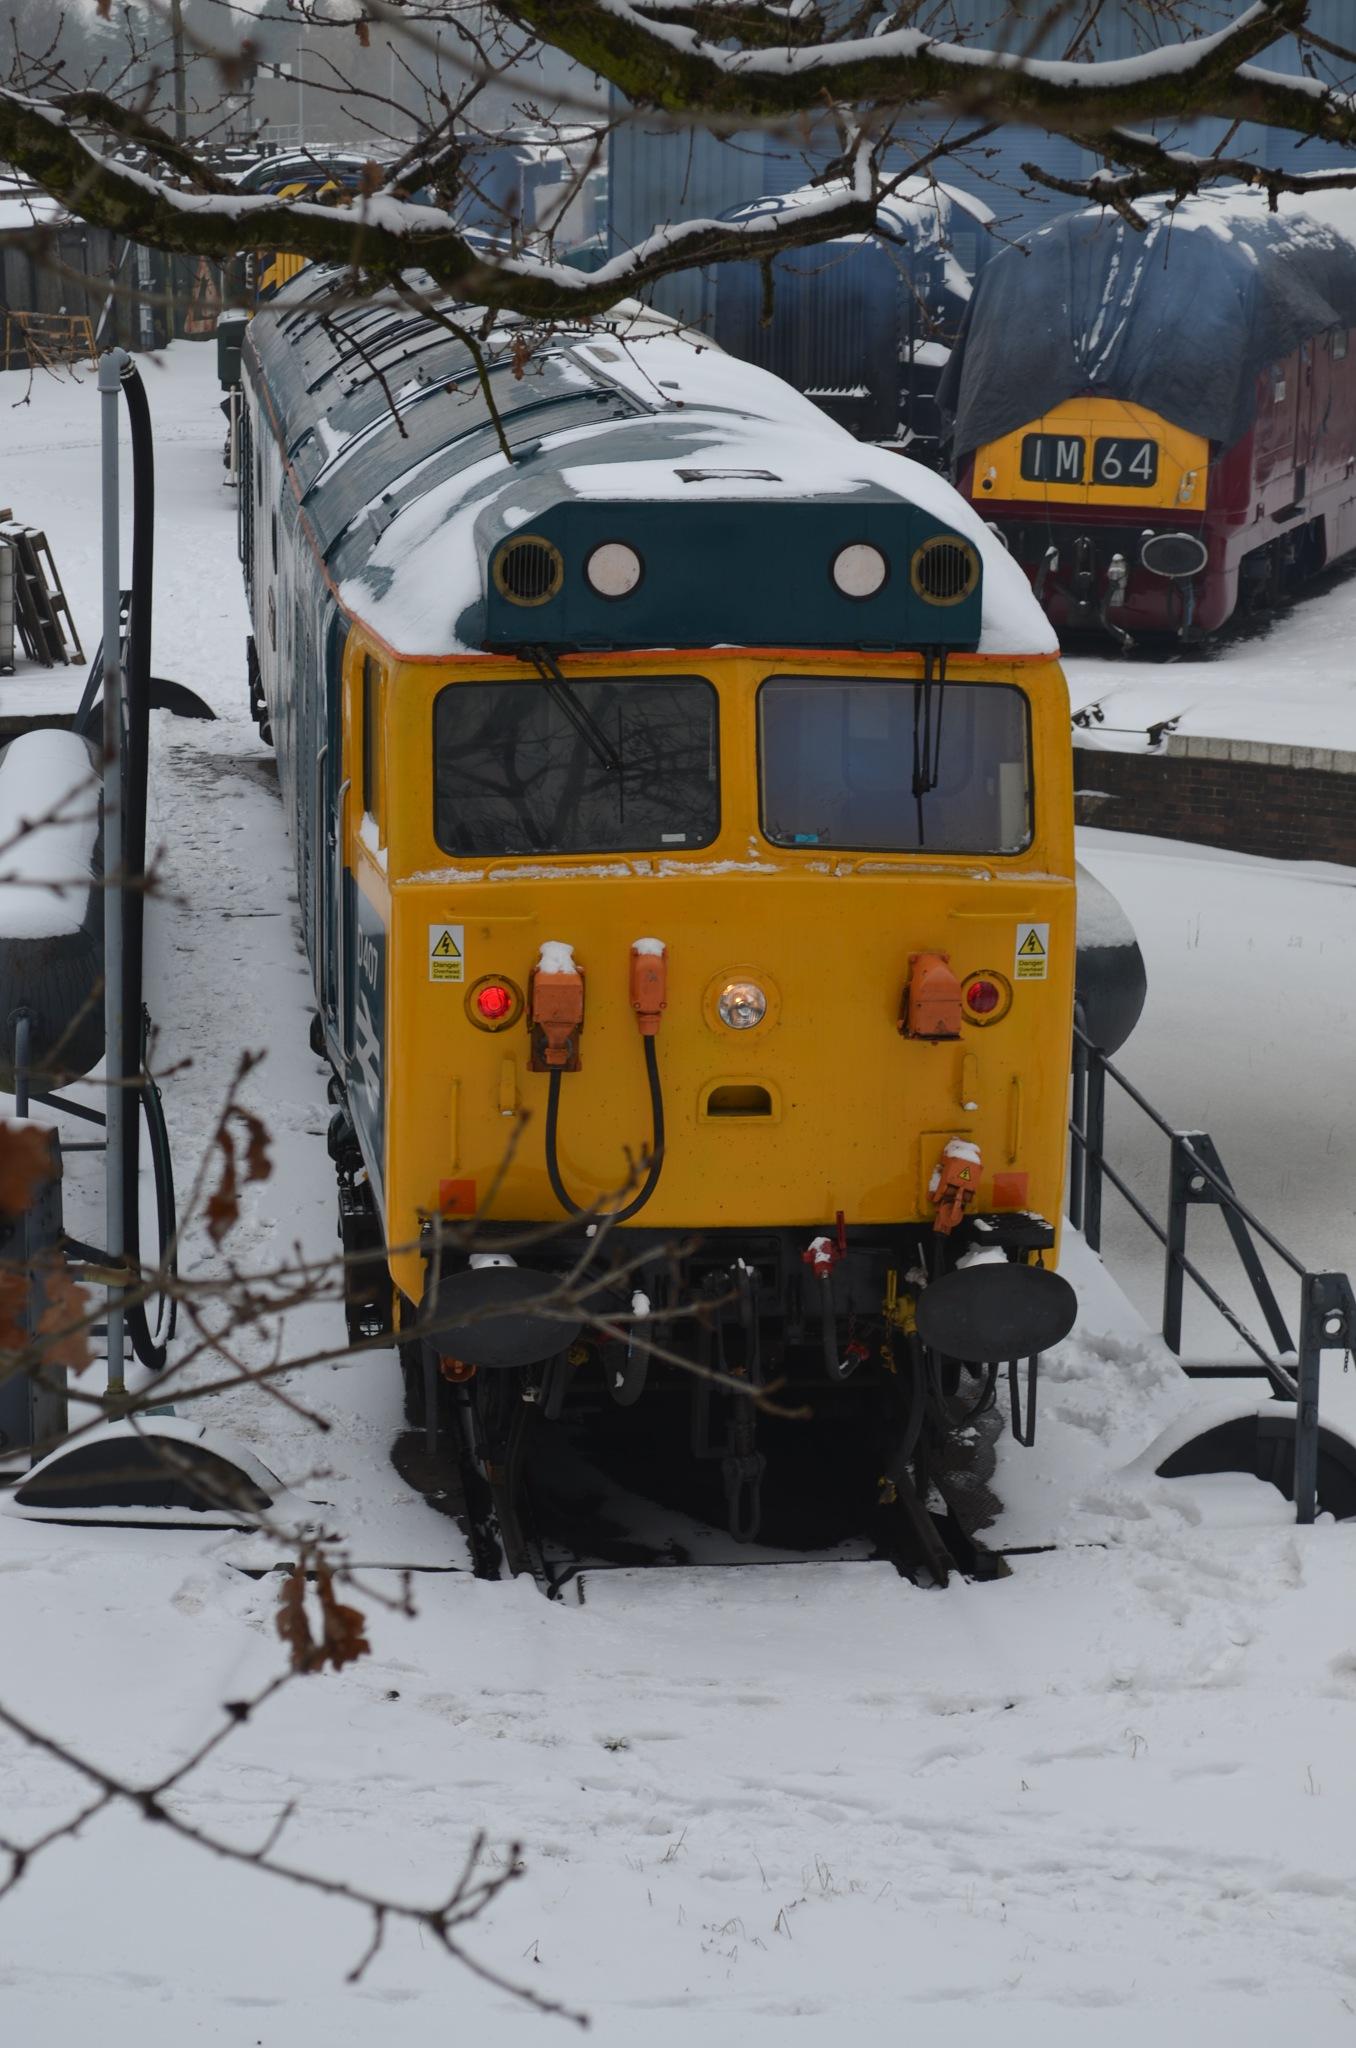 Diesel in snow by adrian.williams.58323